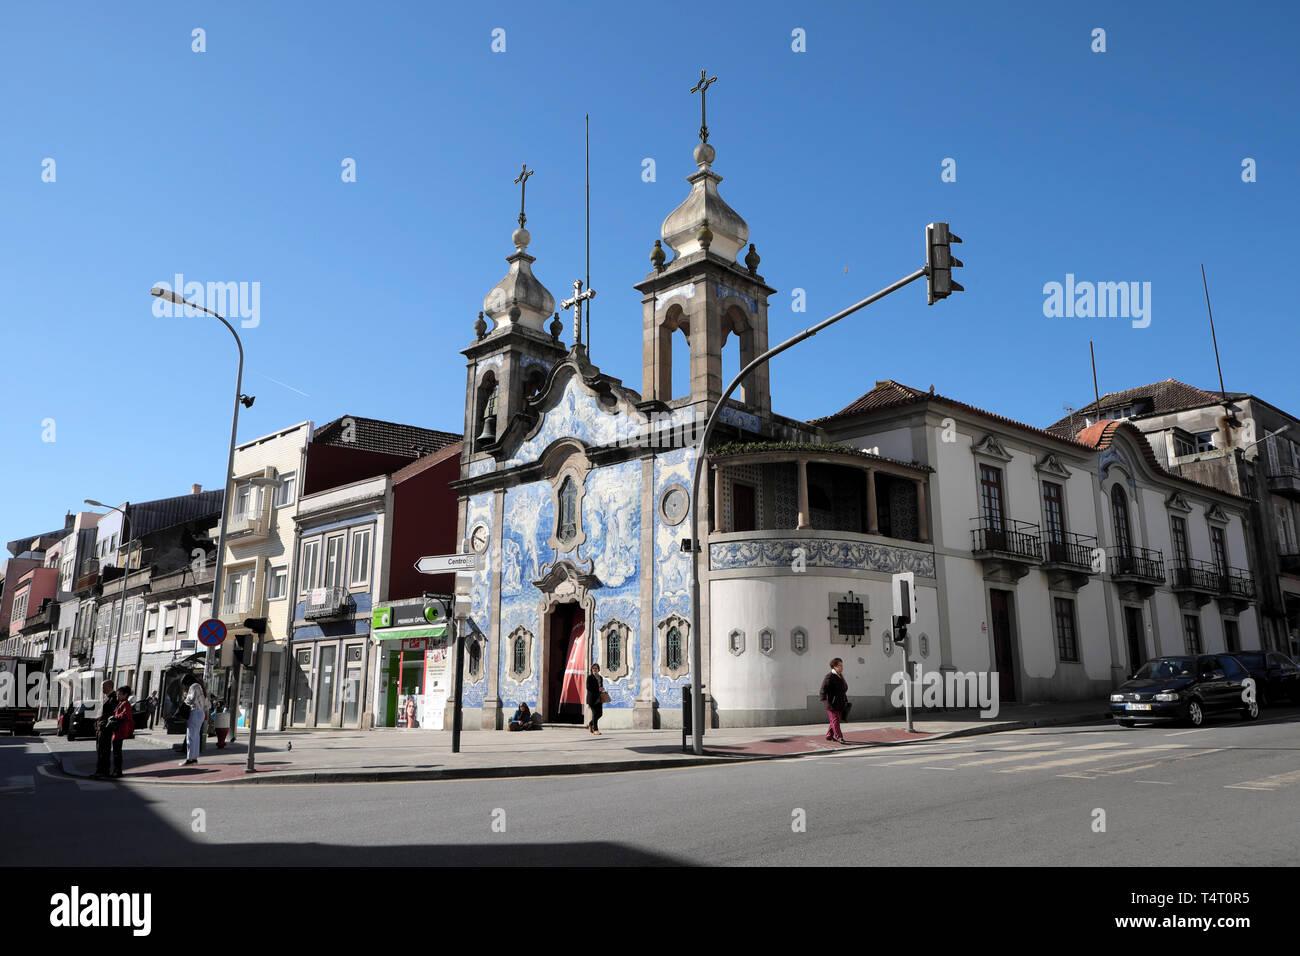 Azulejos tiles on Igreja Paroquial do Carvalhido church on the corner of Praça do Exército Libertador and  Rua da Prelada Porto Portugal  KATHY DEWITT - Stock Image